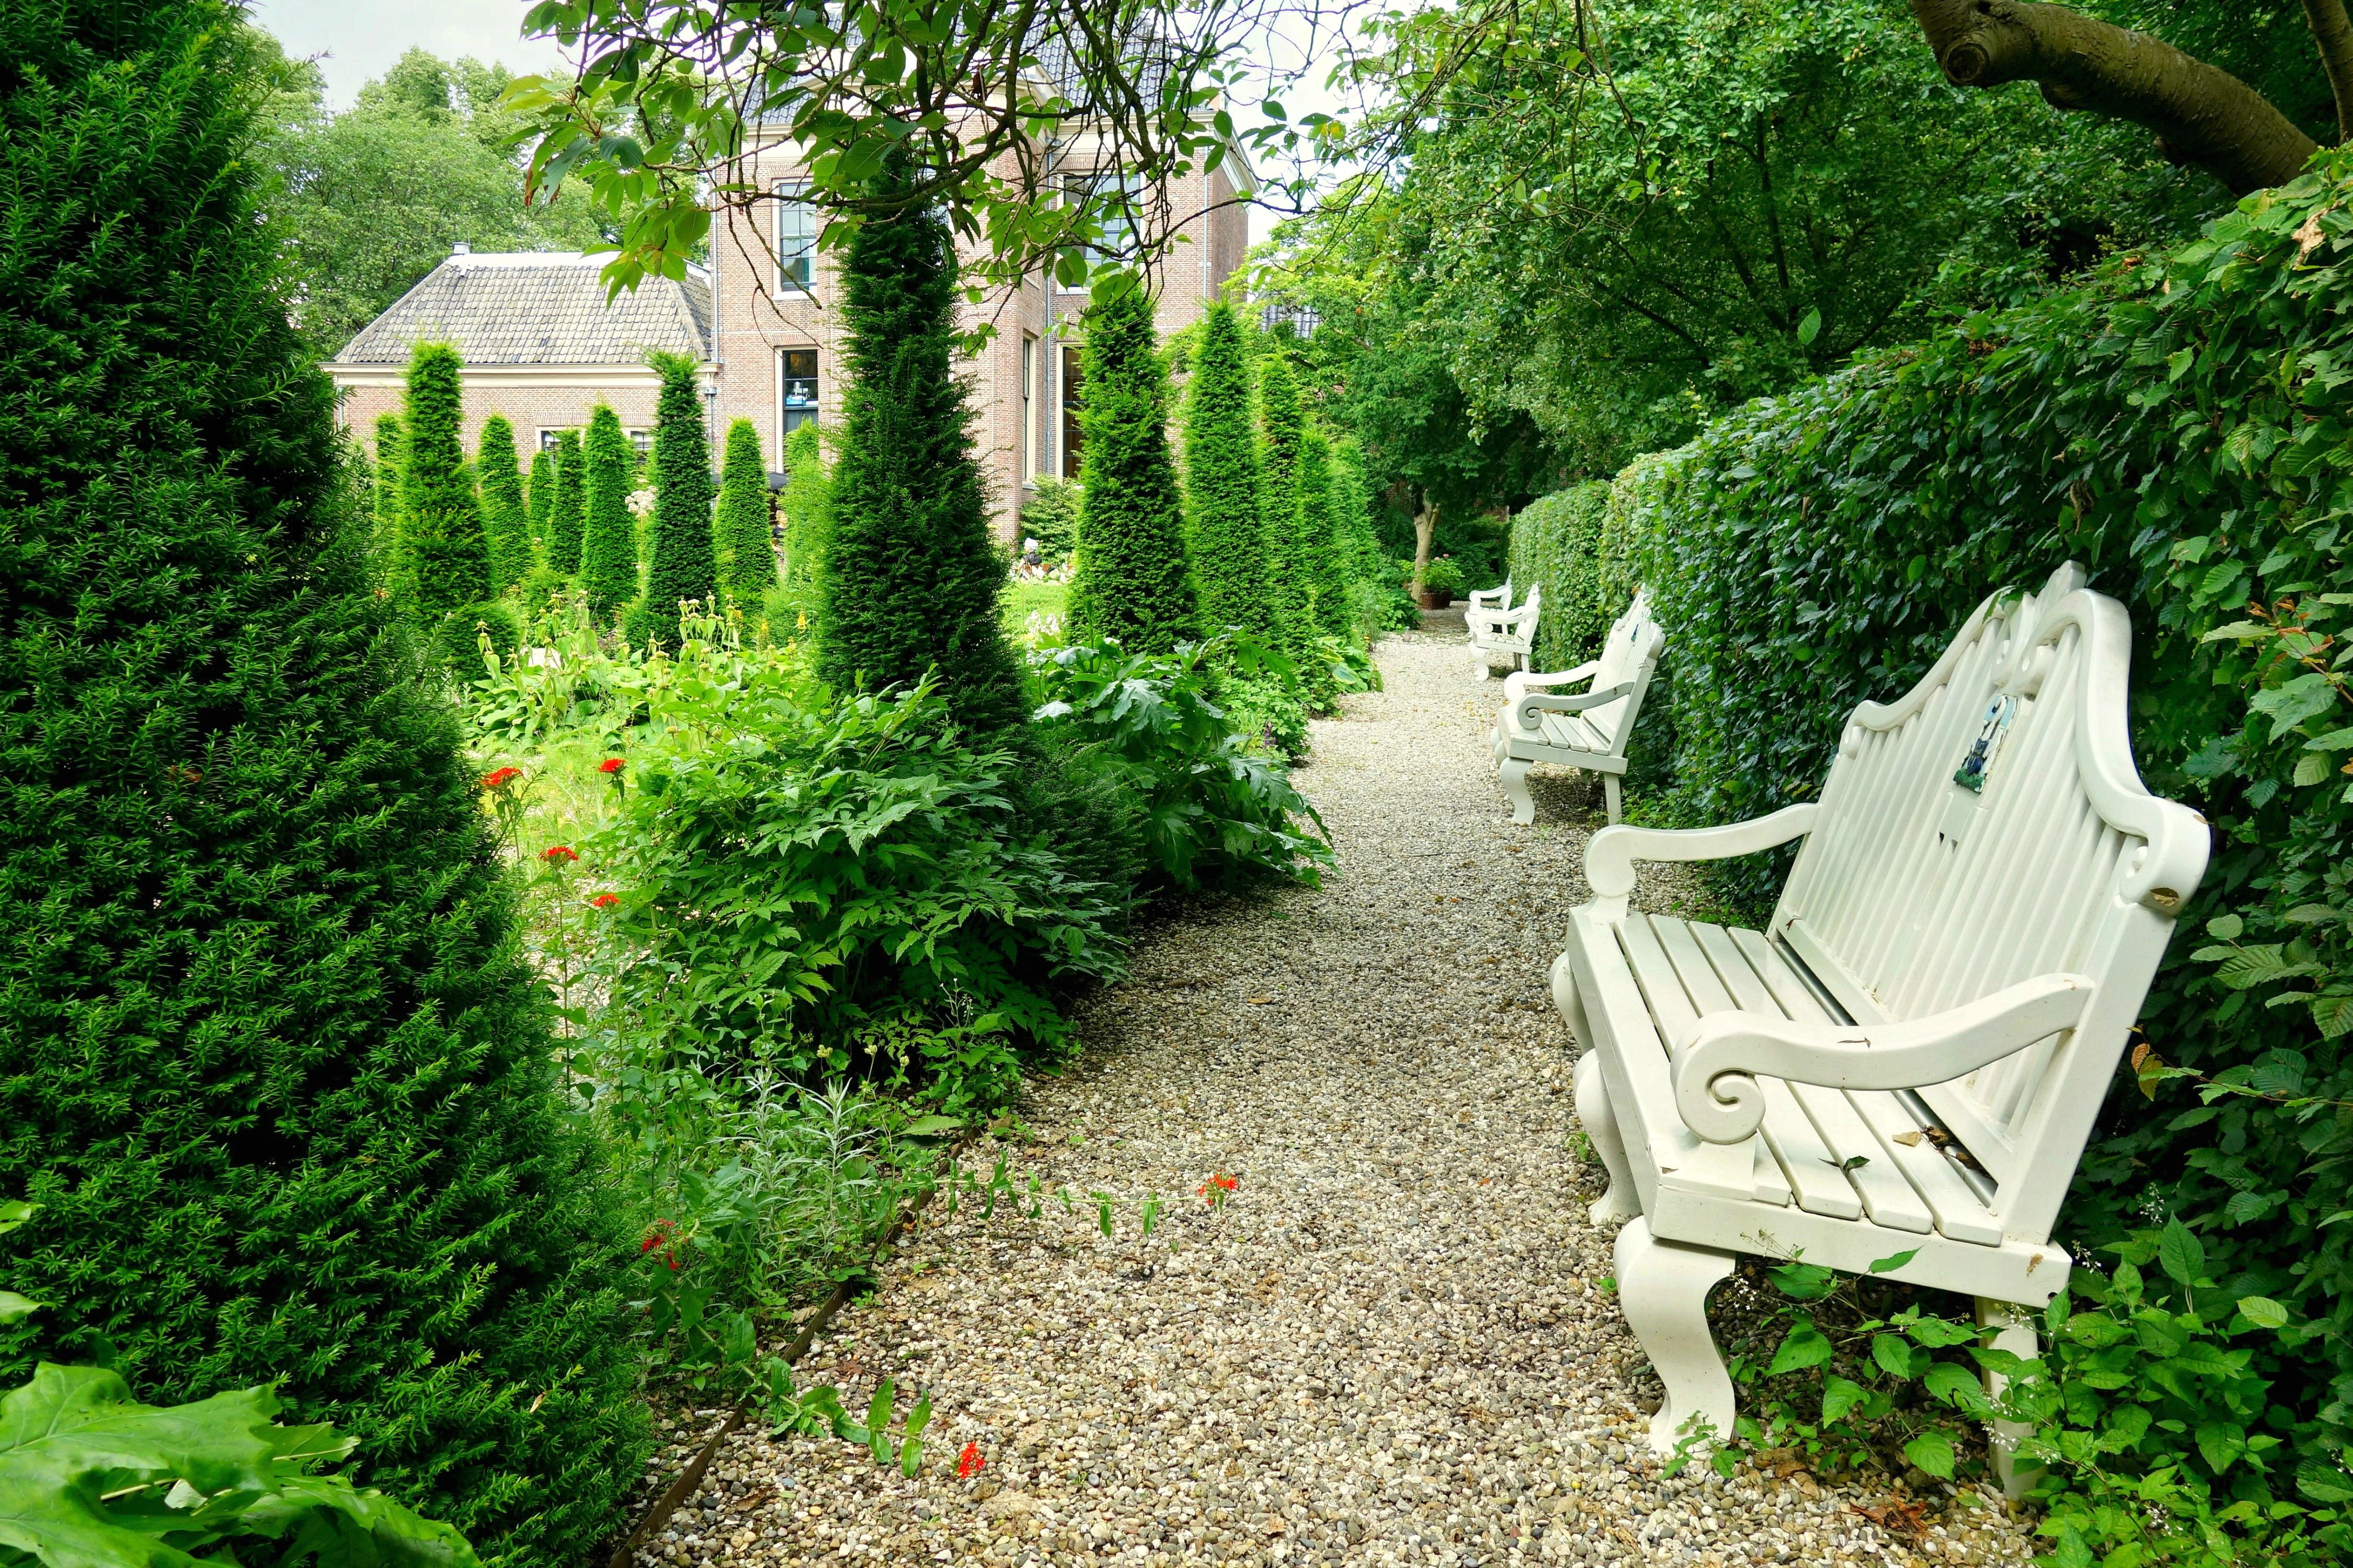 Fotos gratis : árbol, césped, banco, flor, asiento, antiguo ...